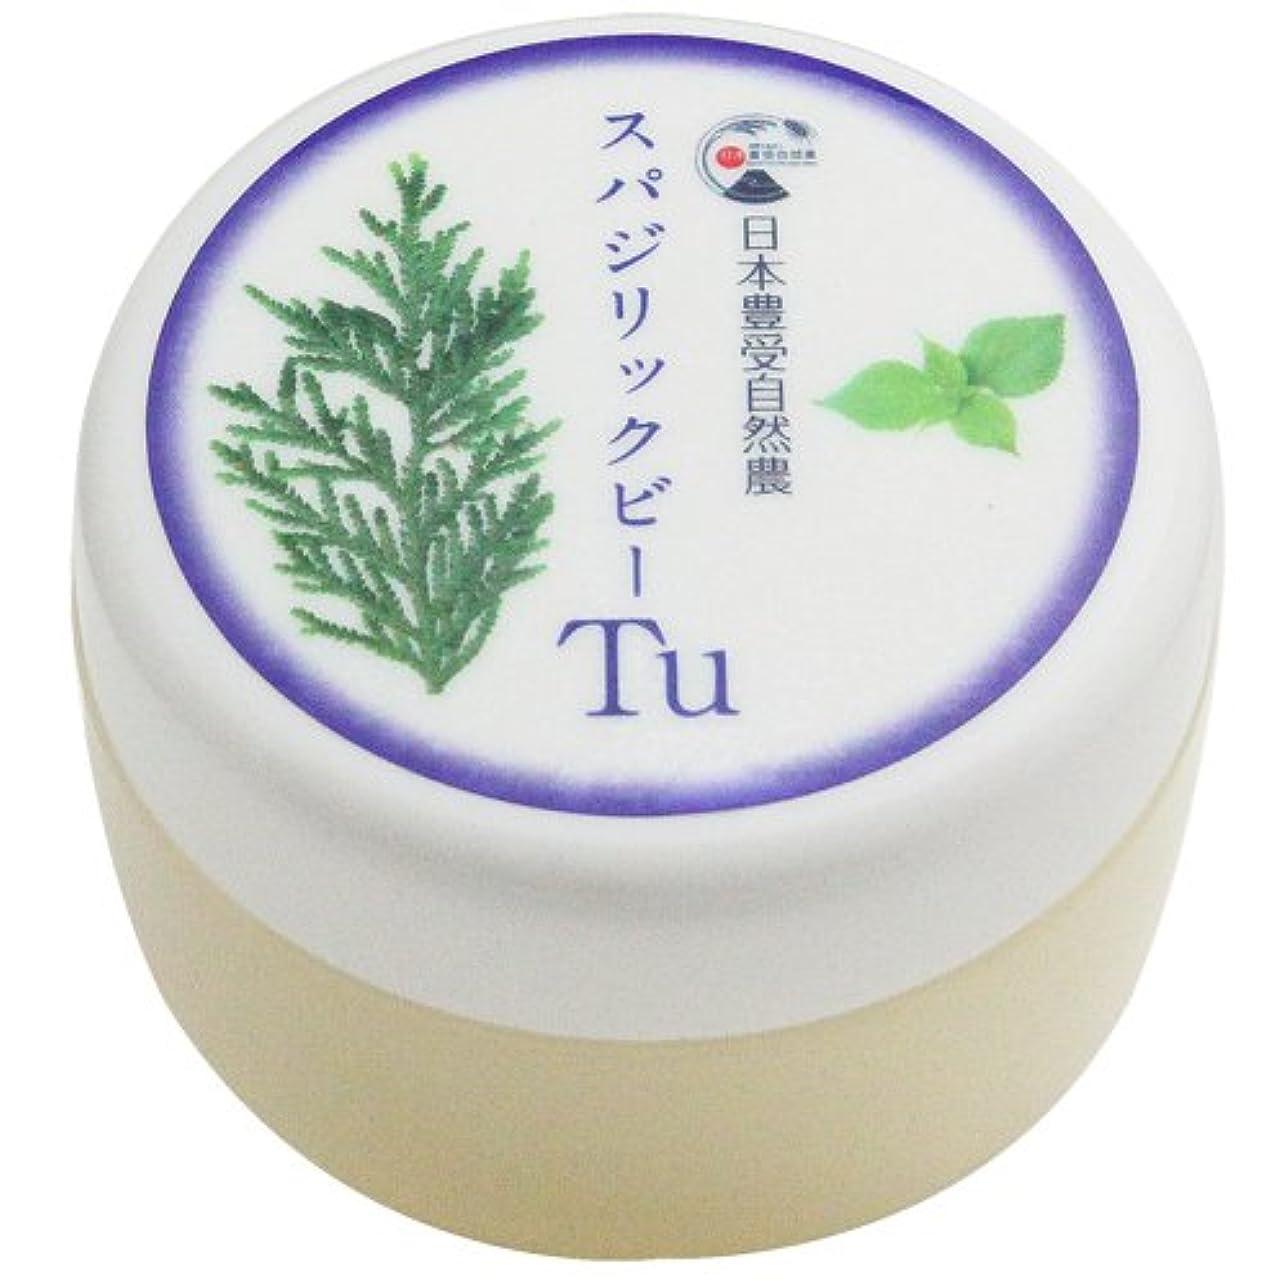 研究所の頭の上規定日本豊受自然農 スパジリック ビーTu(特大) 135g